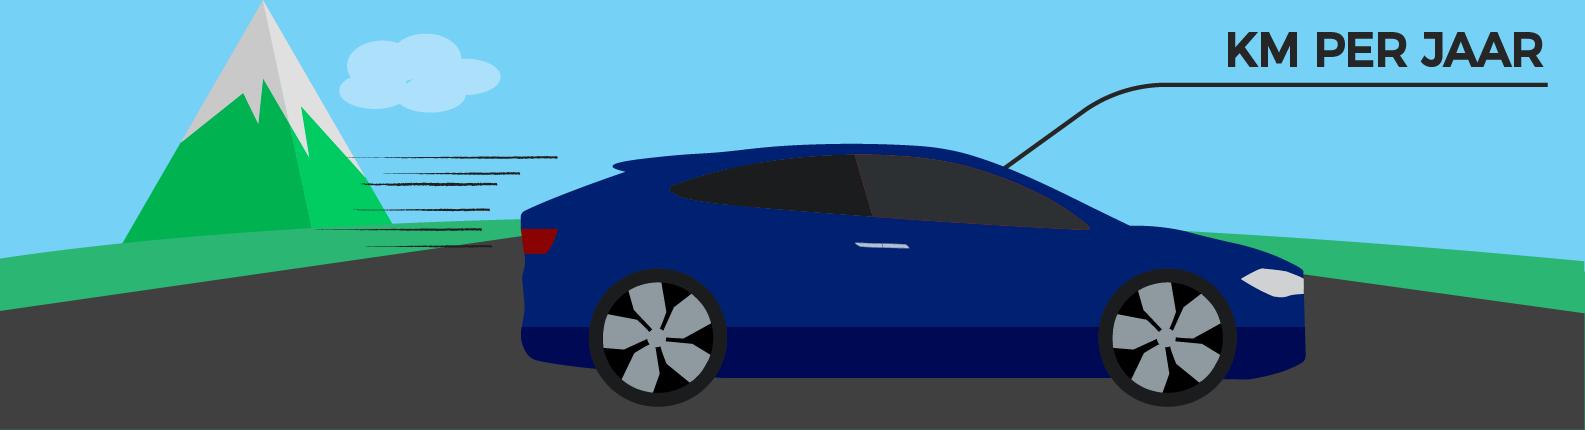 Verbruik auto berekenen per 100 km